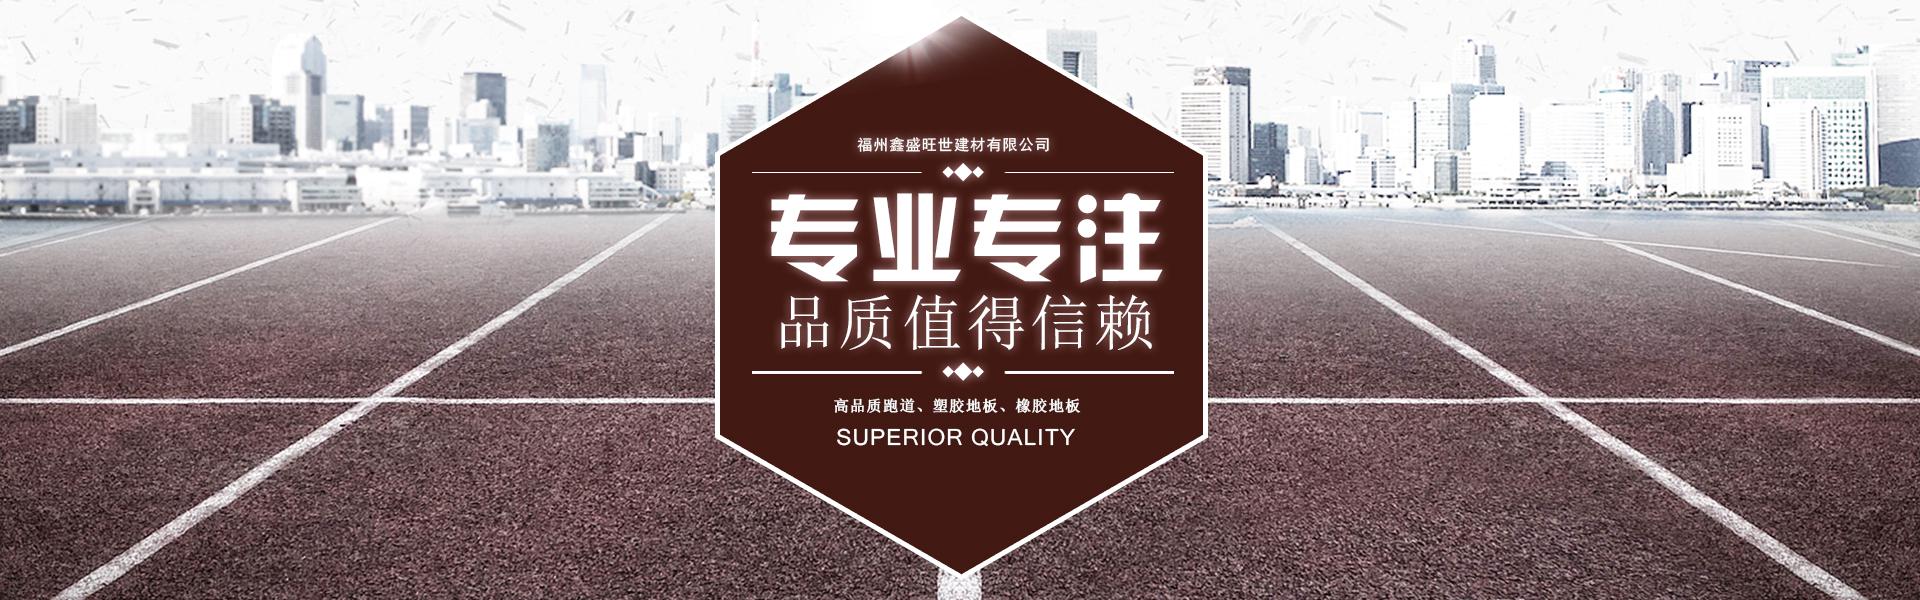 福州鑫盛旺世建材有限公司